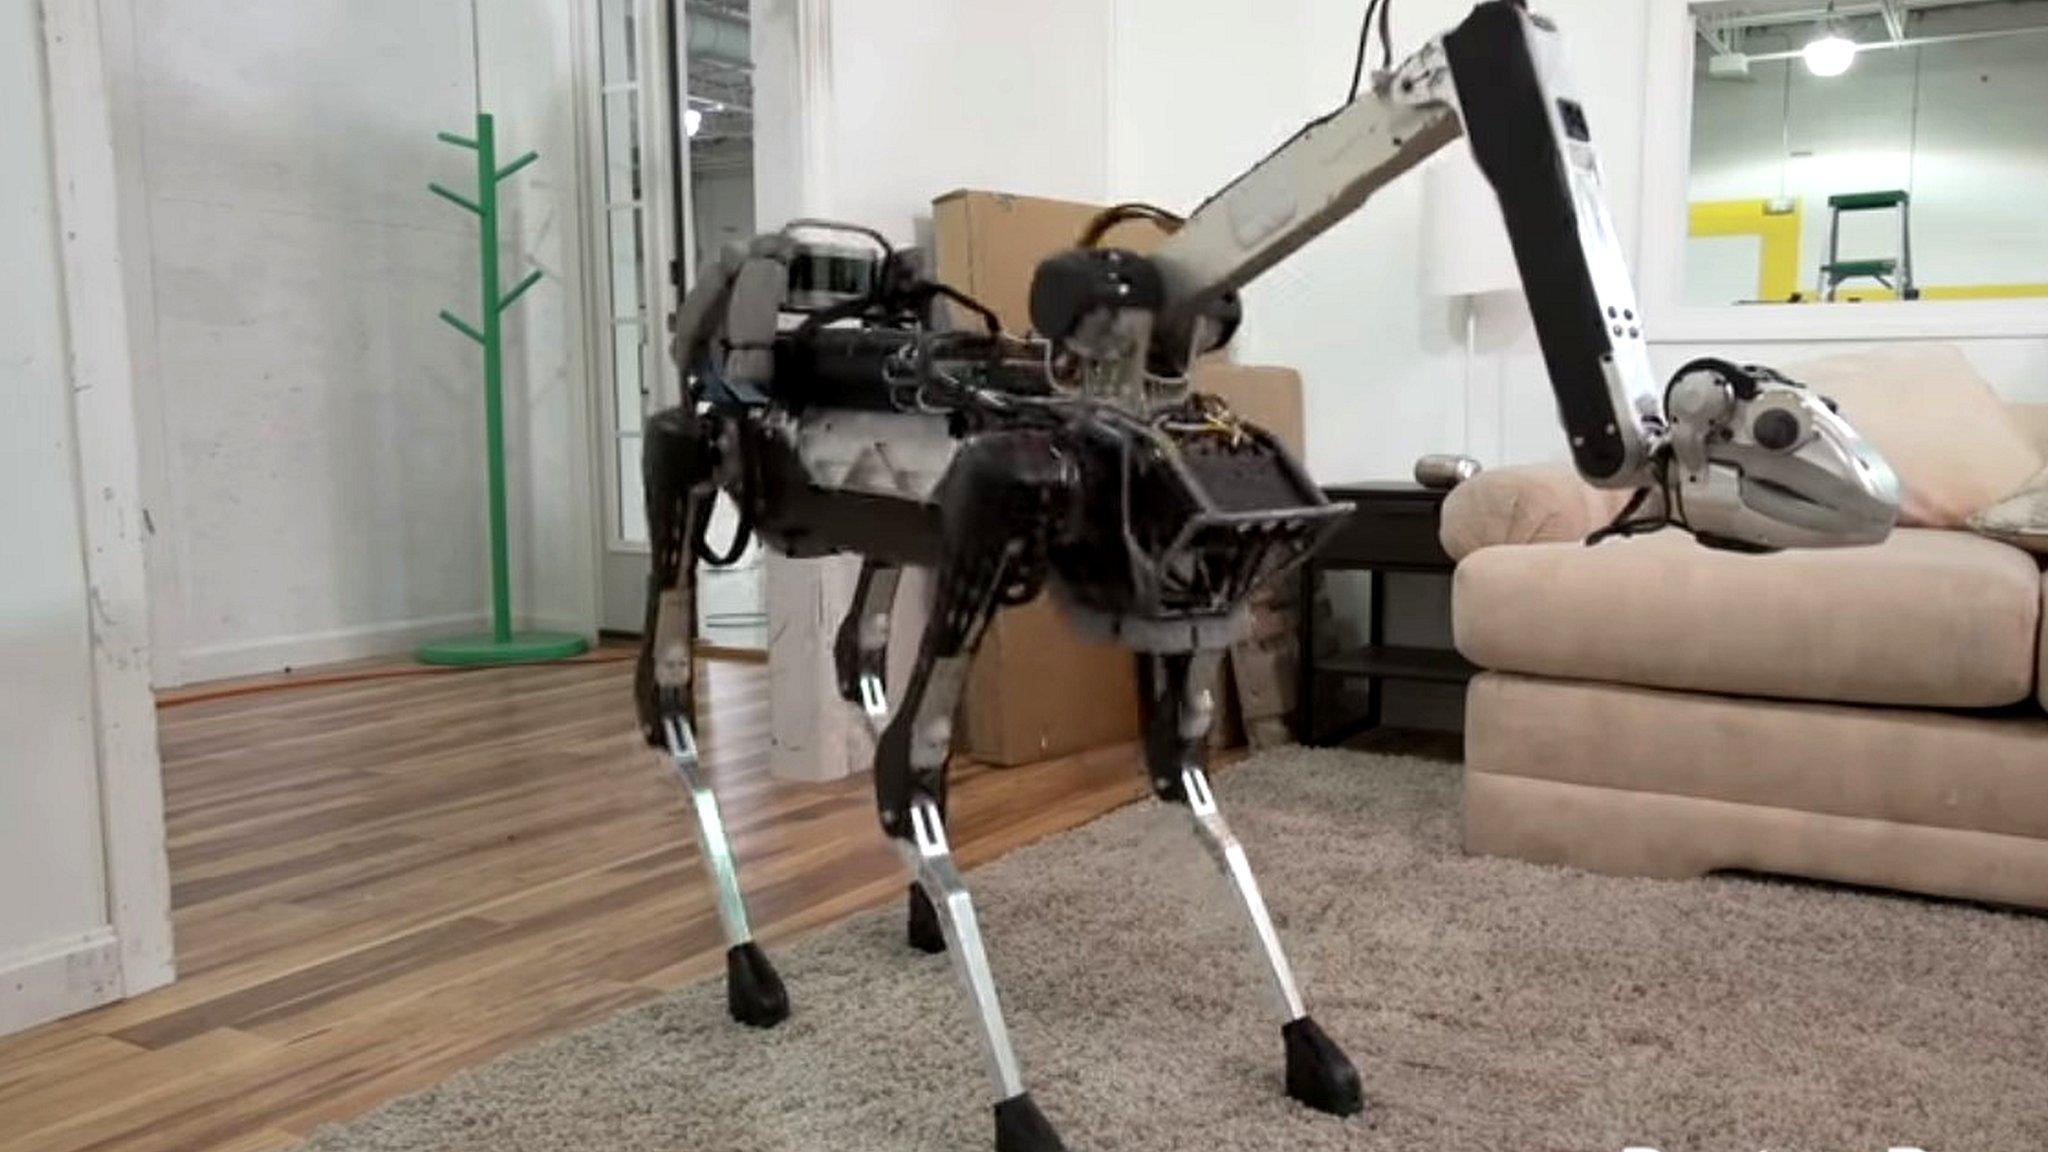 Google's SpotMini robot loads the dishwasher